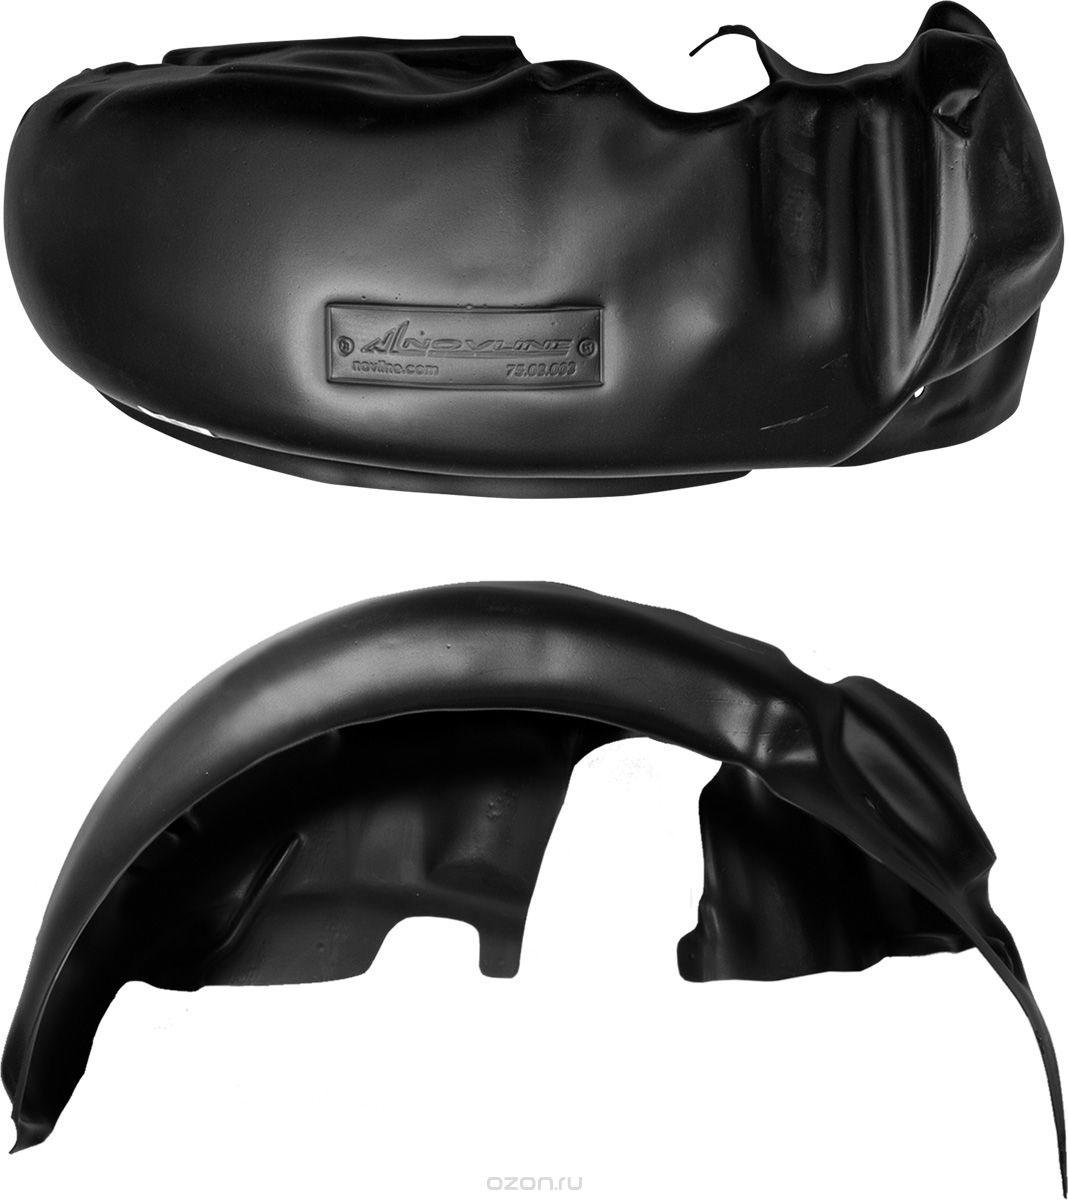 Подкрылок Novline-Autofamily, для GEELY Emgrand X7, 2013->, задний левыйIRK-503Идеальная защита колесной ниши. Локеры разработаны с применением цифровых технологий, гарантируют максимальную повторяемость поверхности арки. Изделия устанавливаются без нарушения лакокрасочного покрытия автомобиля, каждый подкрылок комплектуется крепежом. Уважаемые клиенты, обращаем ваше внимание, что фотографии на подкрылки универсальные и не отражают реальную форму изделия. При этом само изделие идет точно под размер указанного автомобиля.